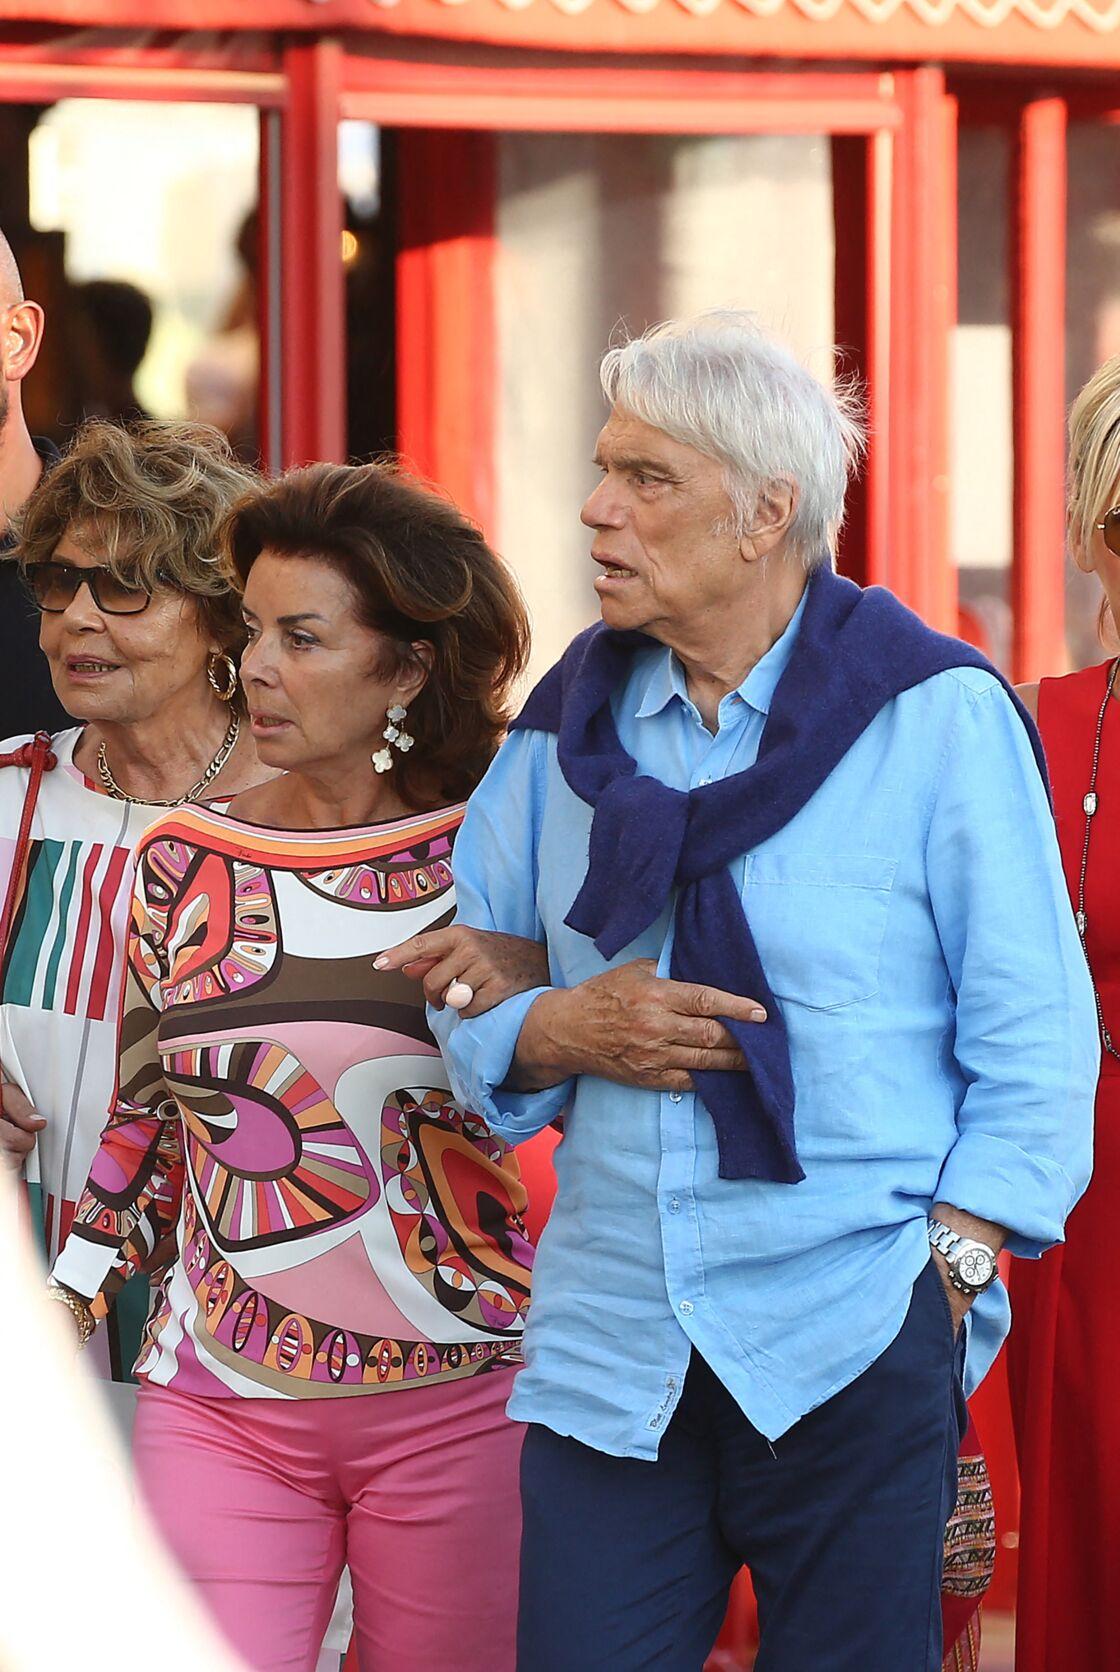 Bernard Tapie accompagné de sa femme Dominique, dans les rues de St-Tropez, en juillet 2020.